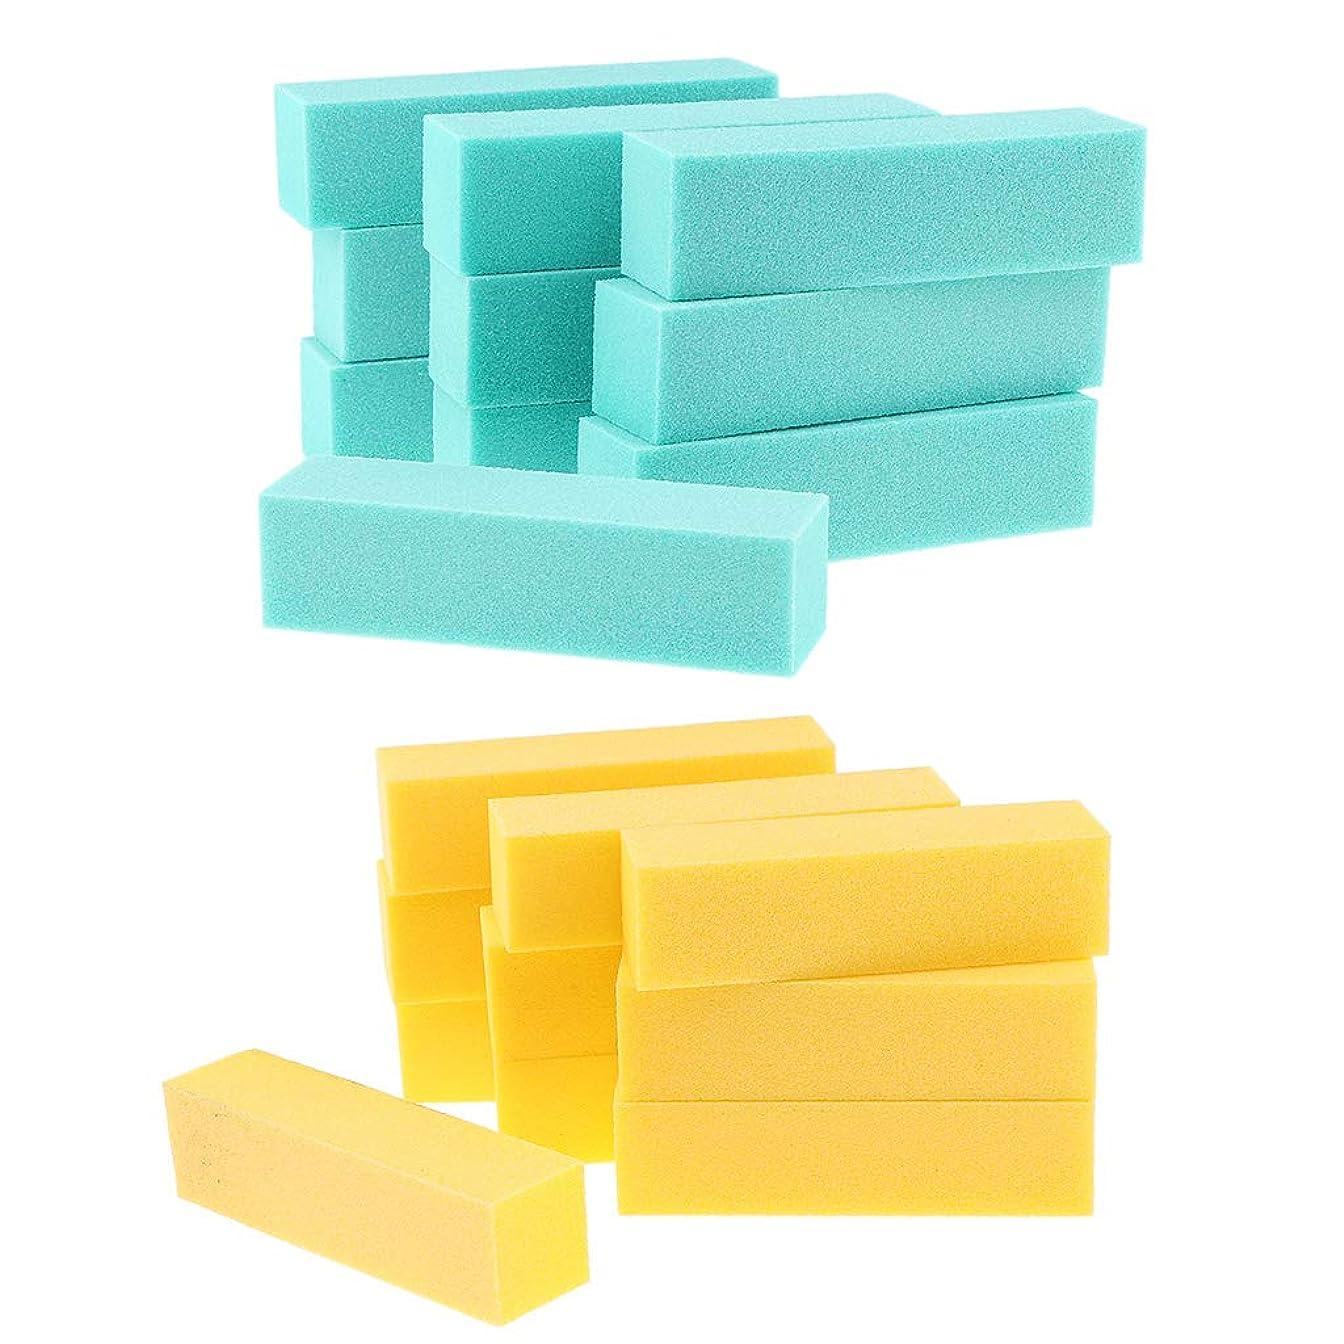 フレット感情かわいらしいSM SunniMix 約20個 ネイルファイル 研磨ツール ネイルアート バッファファイルブロック マニキュア 2色選べ - イエロー+グリーン